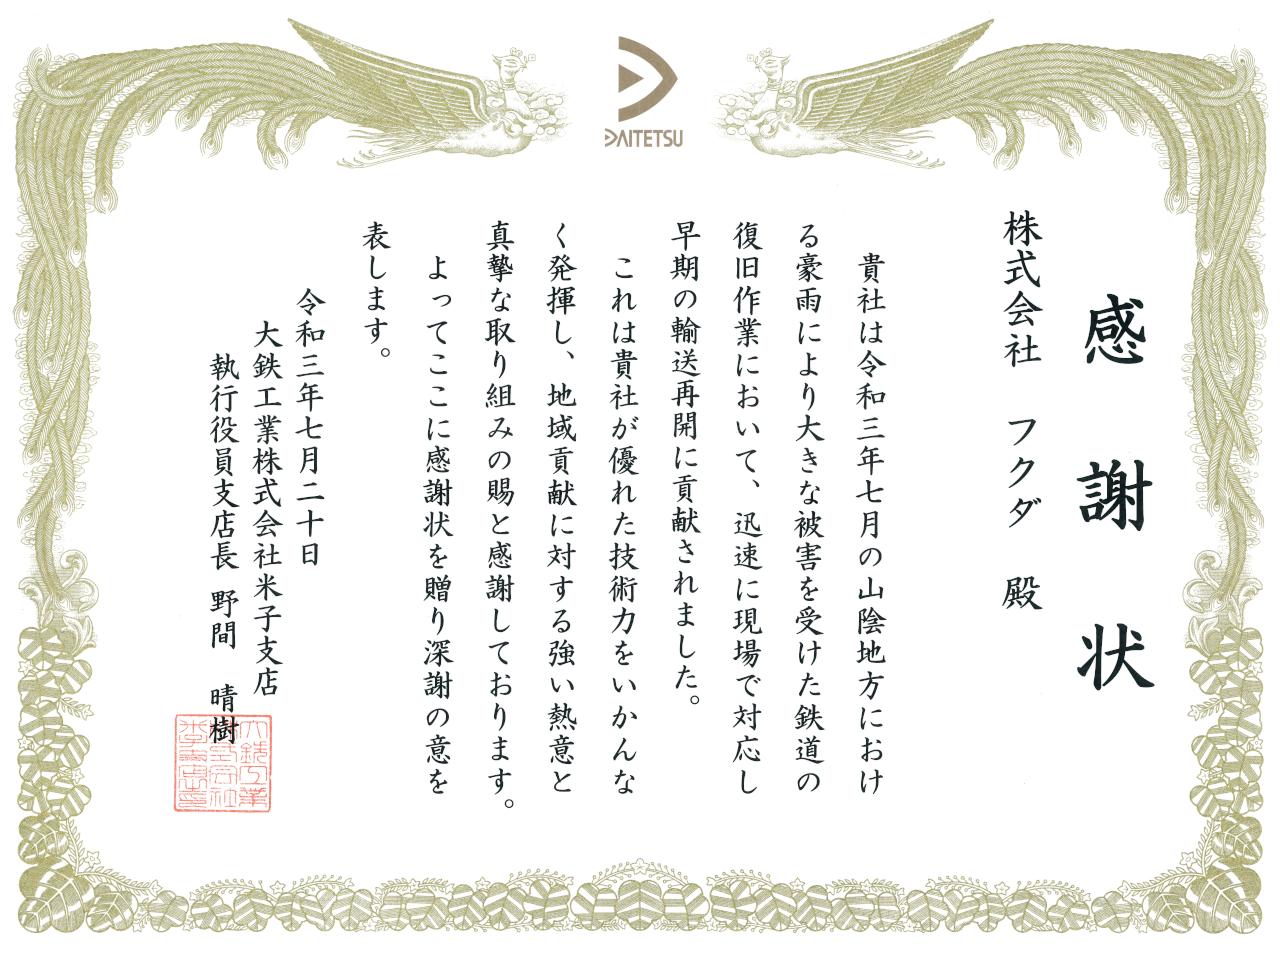 大鉄工業株式会社米子支店様から感謝状をいただきました。